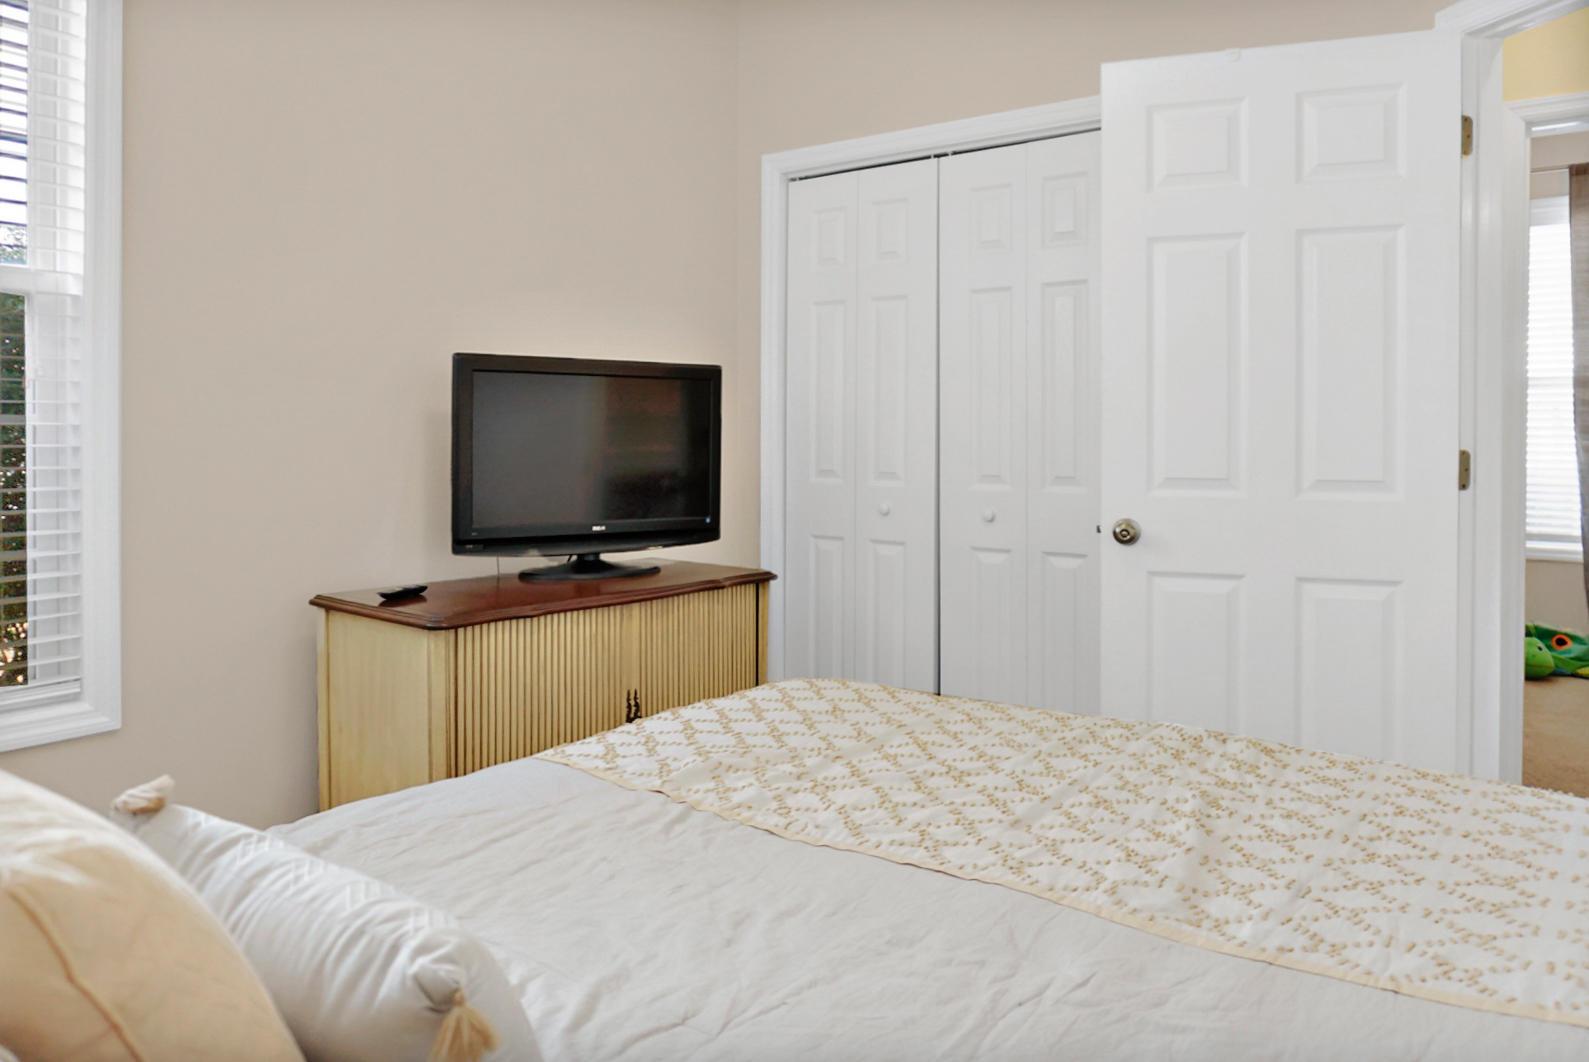 Park West Homes For Sale - 1504 Huxley, Mount Pleasant, SC - 28